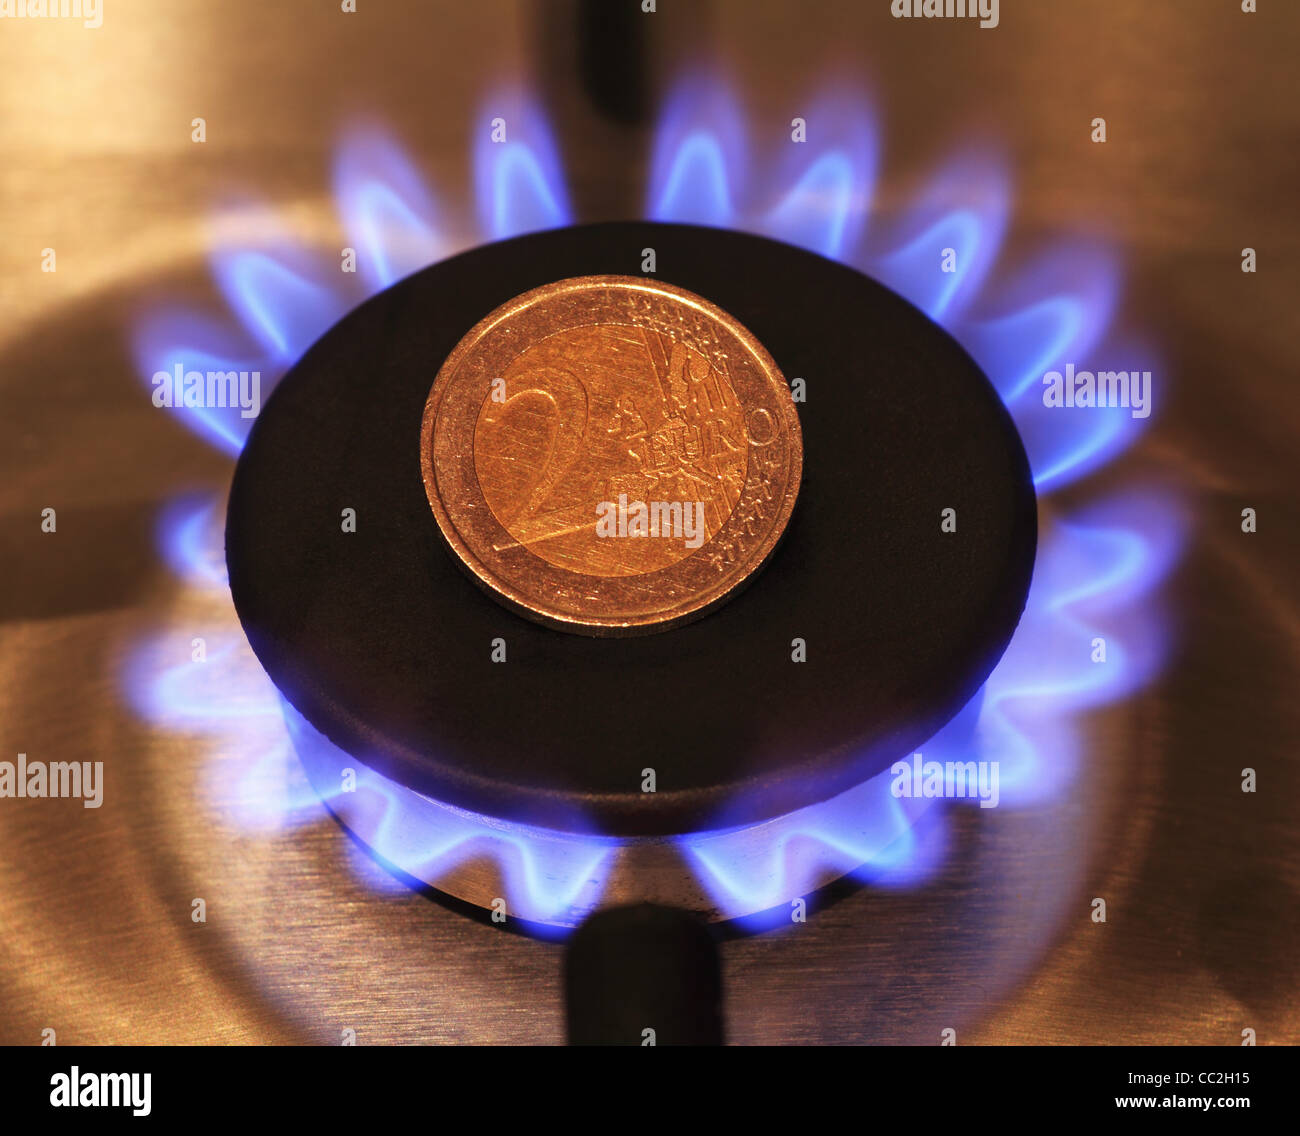 Eine 2 Euro Euro Münze Sitzt Auf Einem Natürlichen Brenner Gasherd